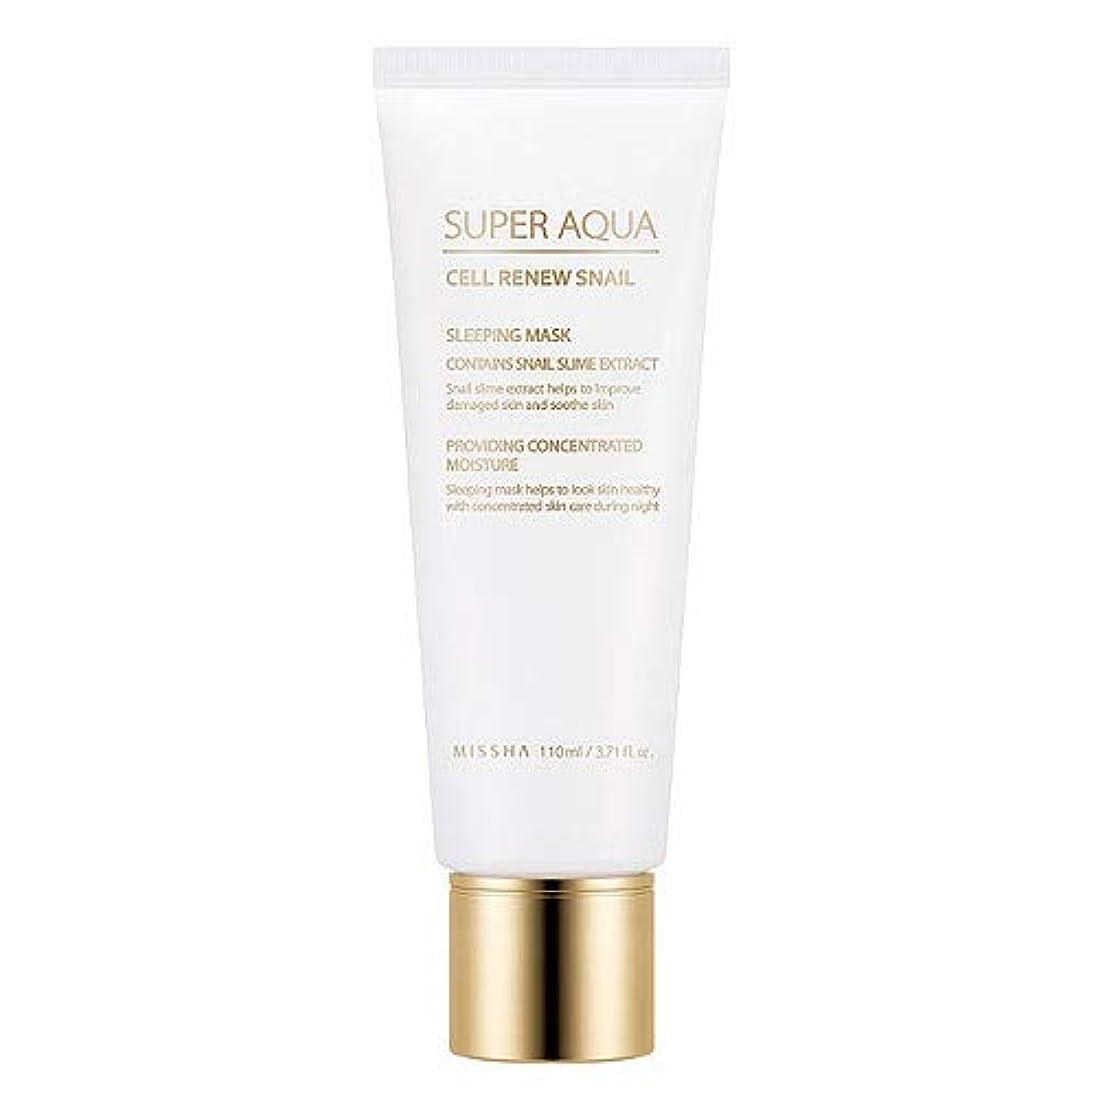 仮装タックちっちゃい[RENEWAL] Missha Super Aqua Cell Renew Snail Sleeping Mask 110ml /ミシャ スーパーアクアセルリニュースネイルスリーピングマスク (カタツムリ) [並行輸入品]